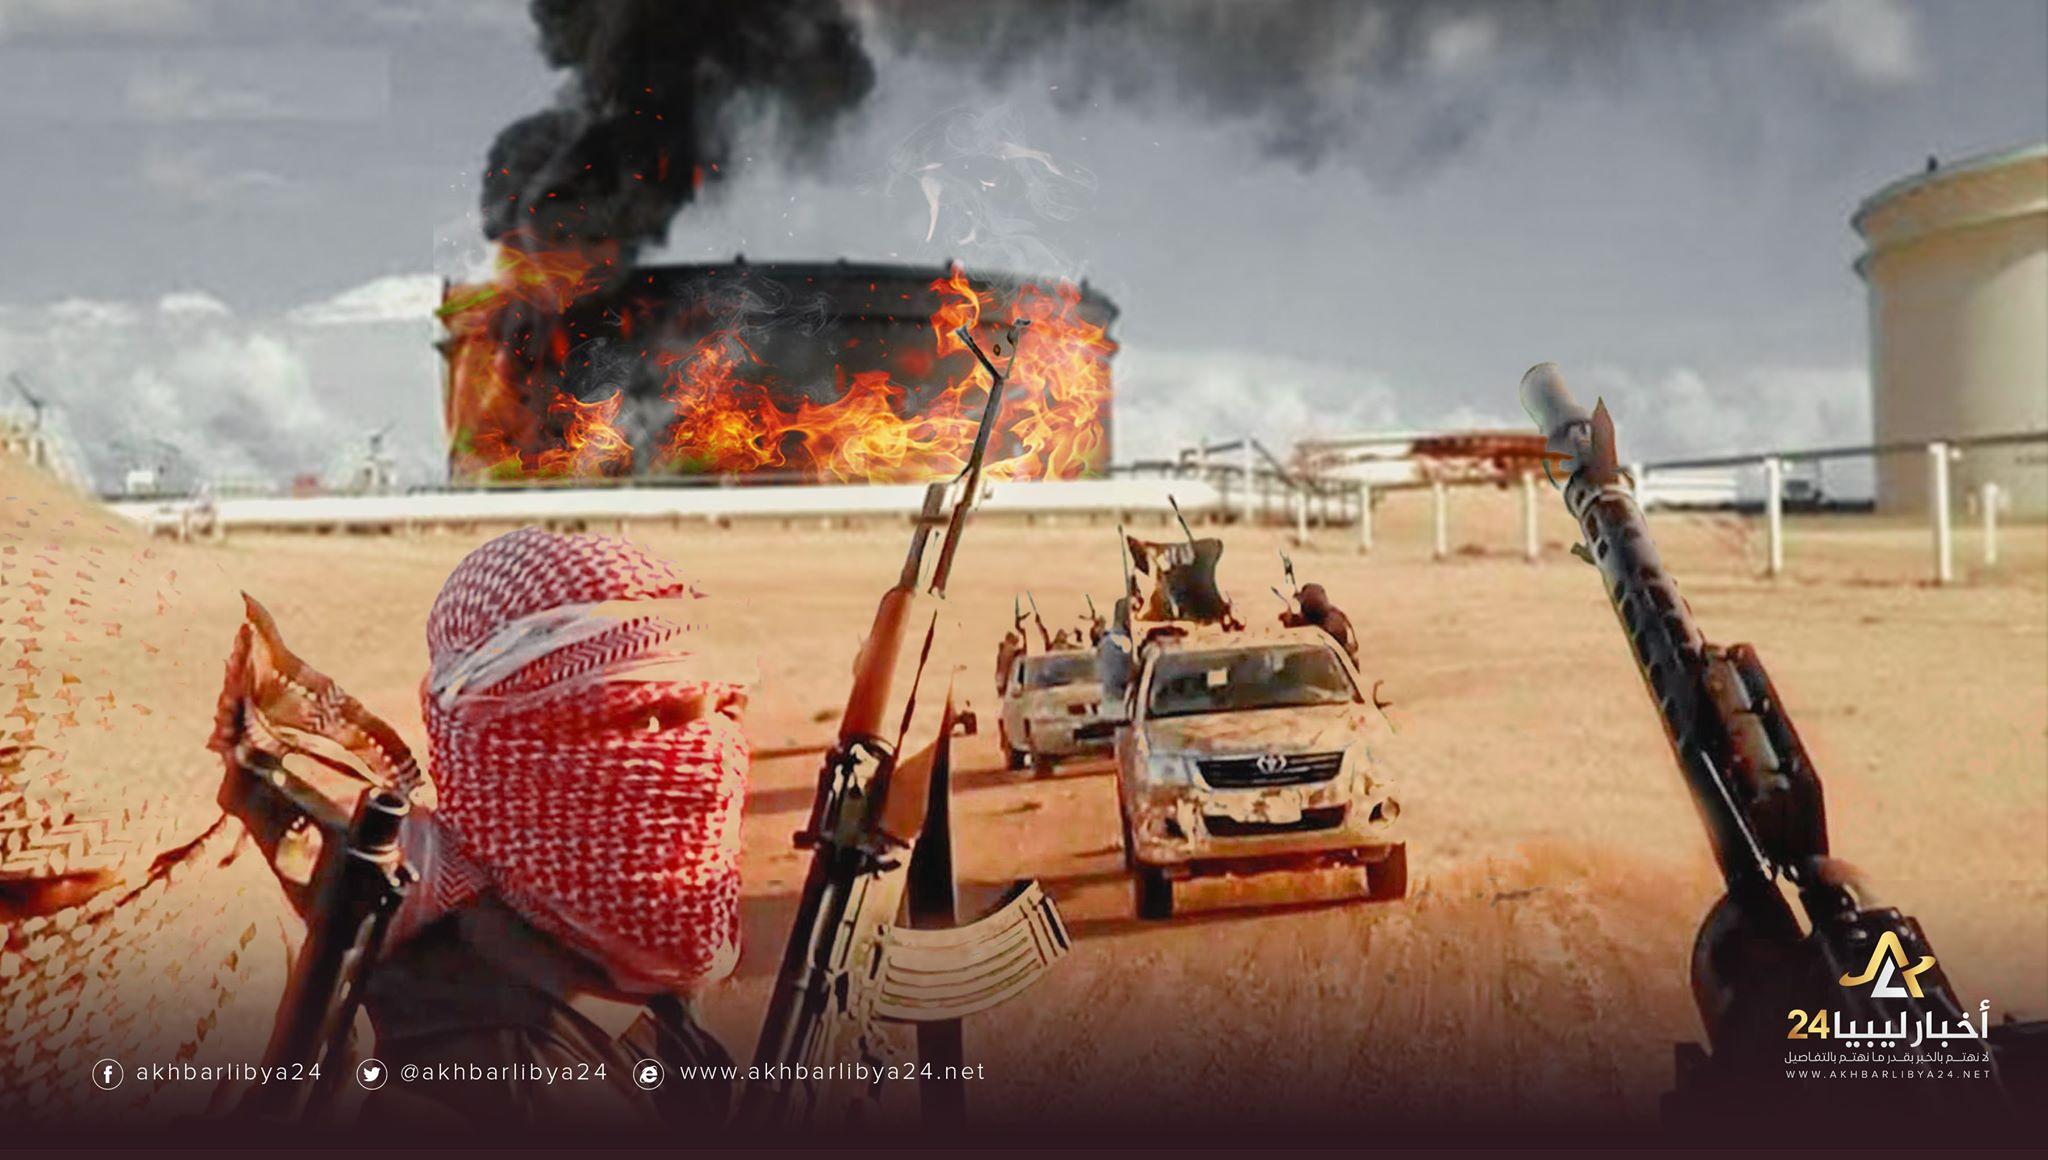 صورة قبل خمسة أعوام.. داعش ارتكب مجزرة وحشية في حقل الغاني النفطي